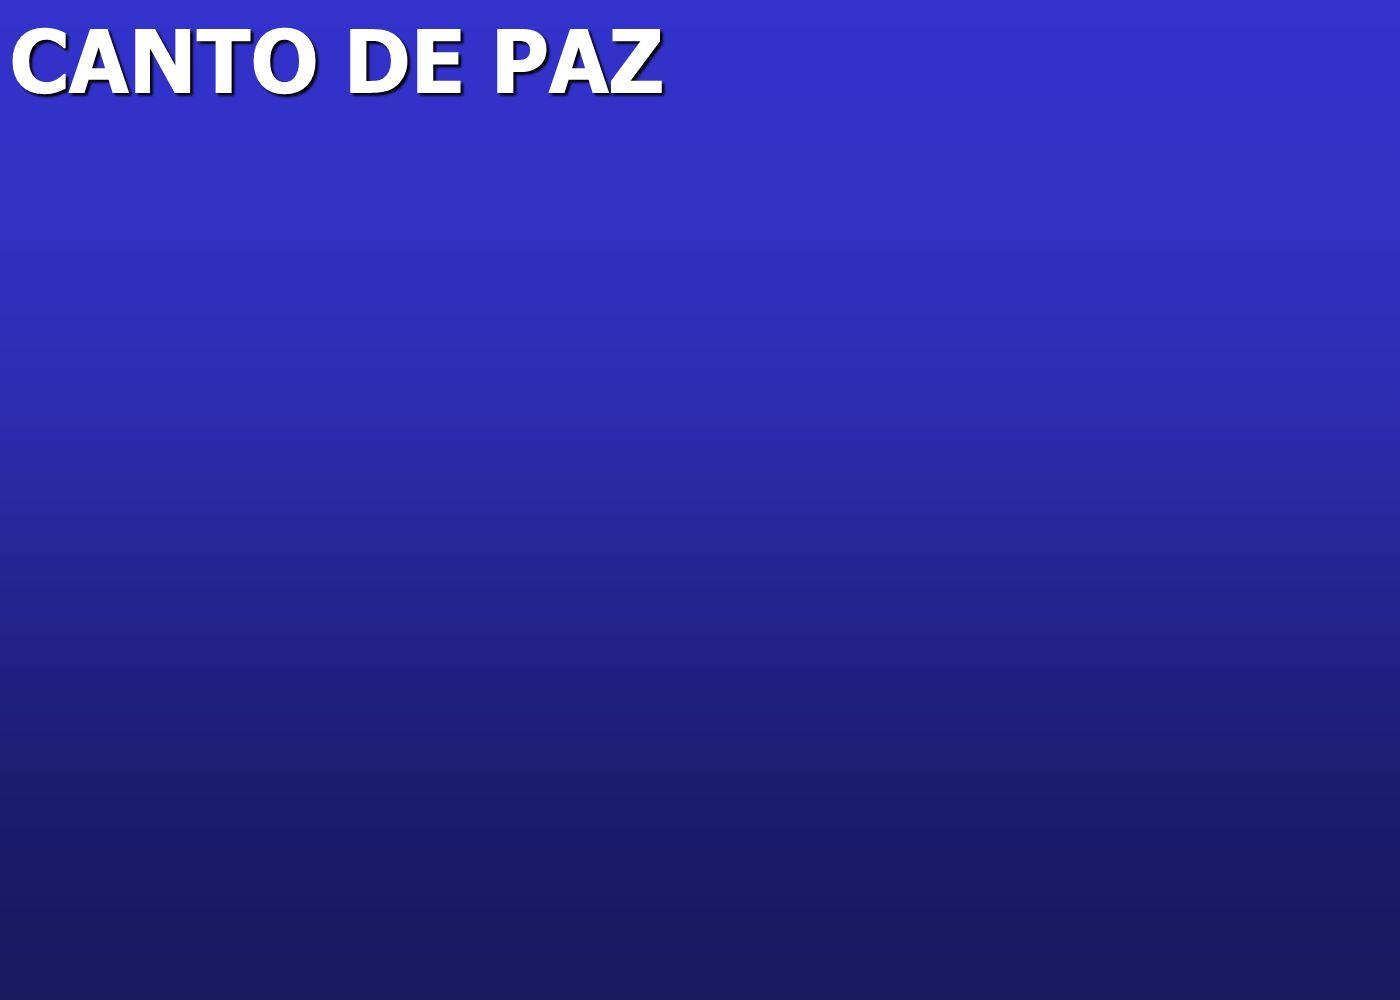 CANTO DE PAZ